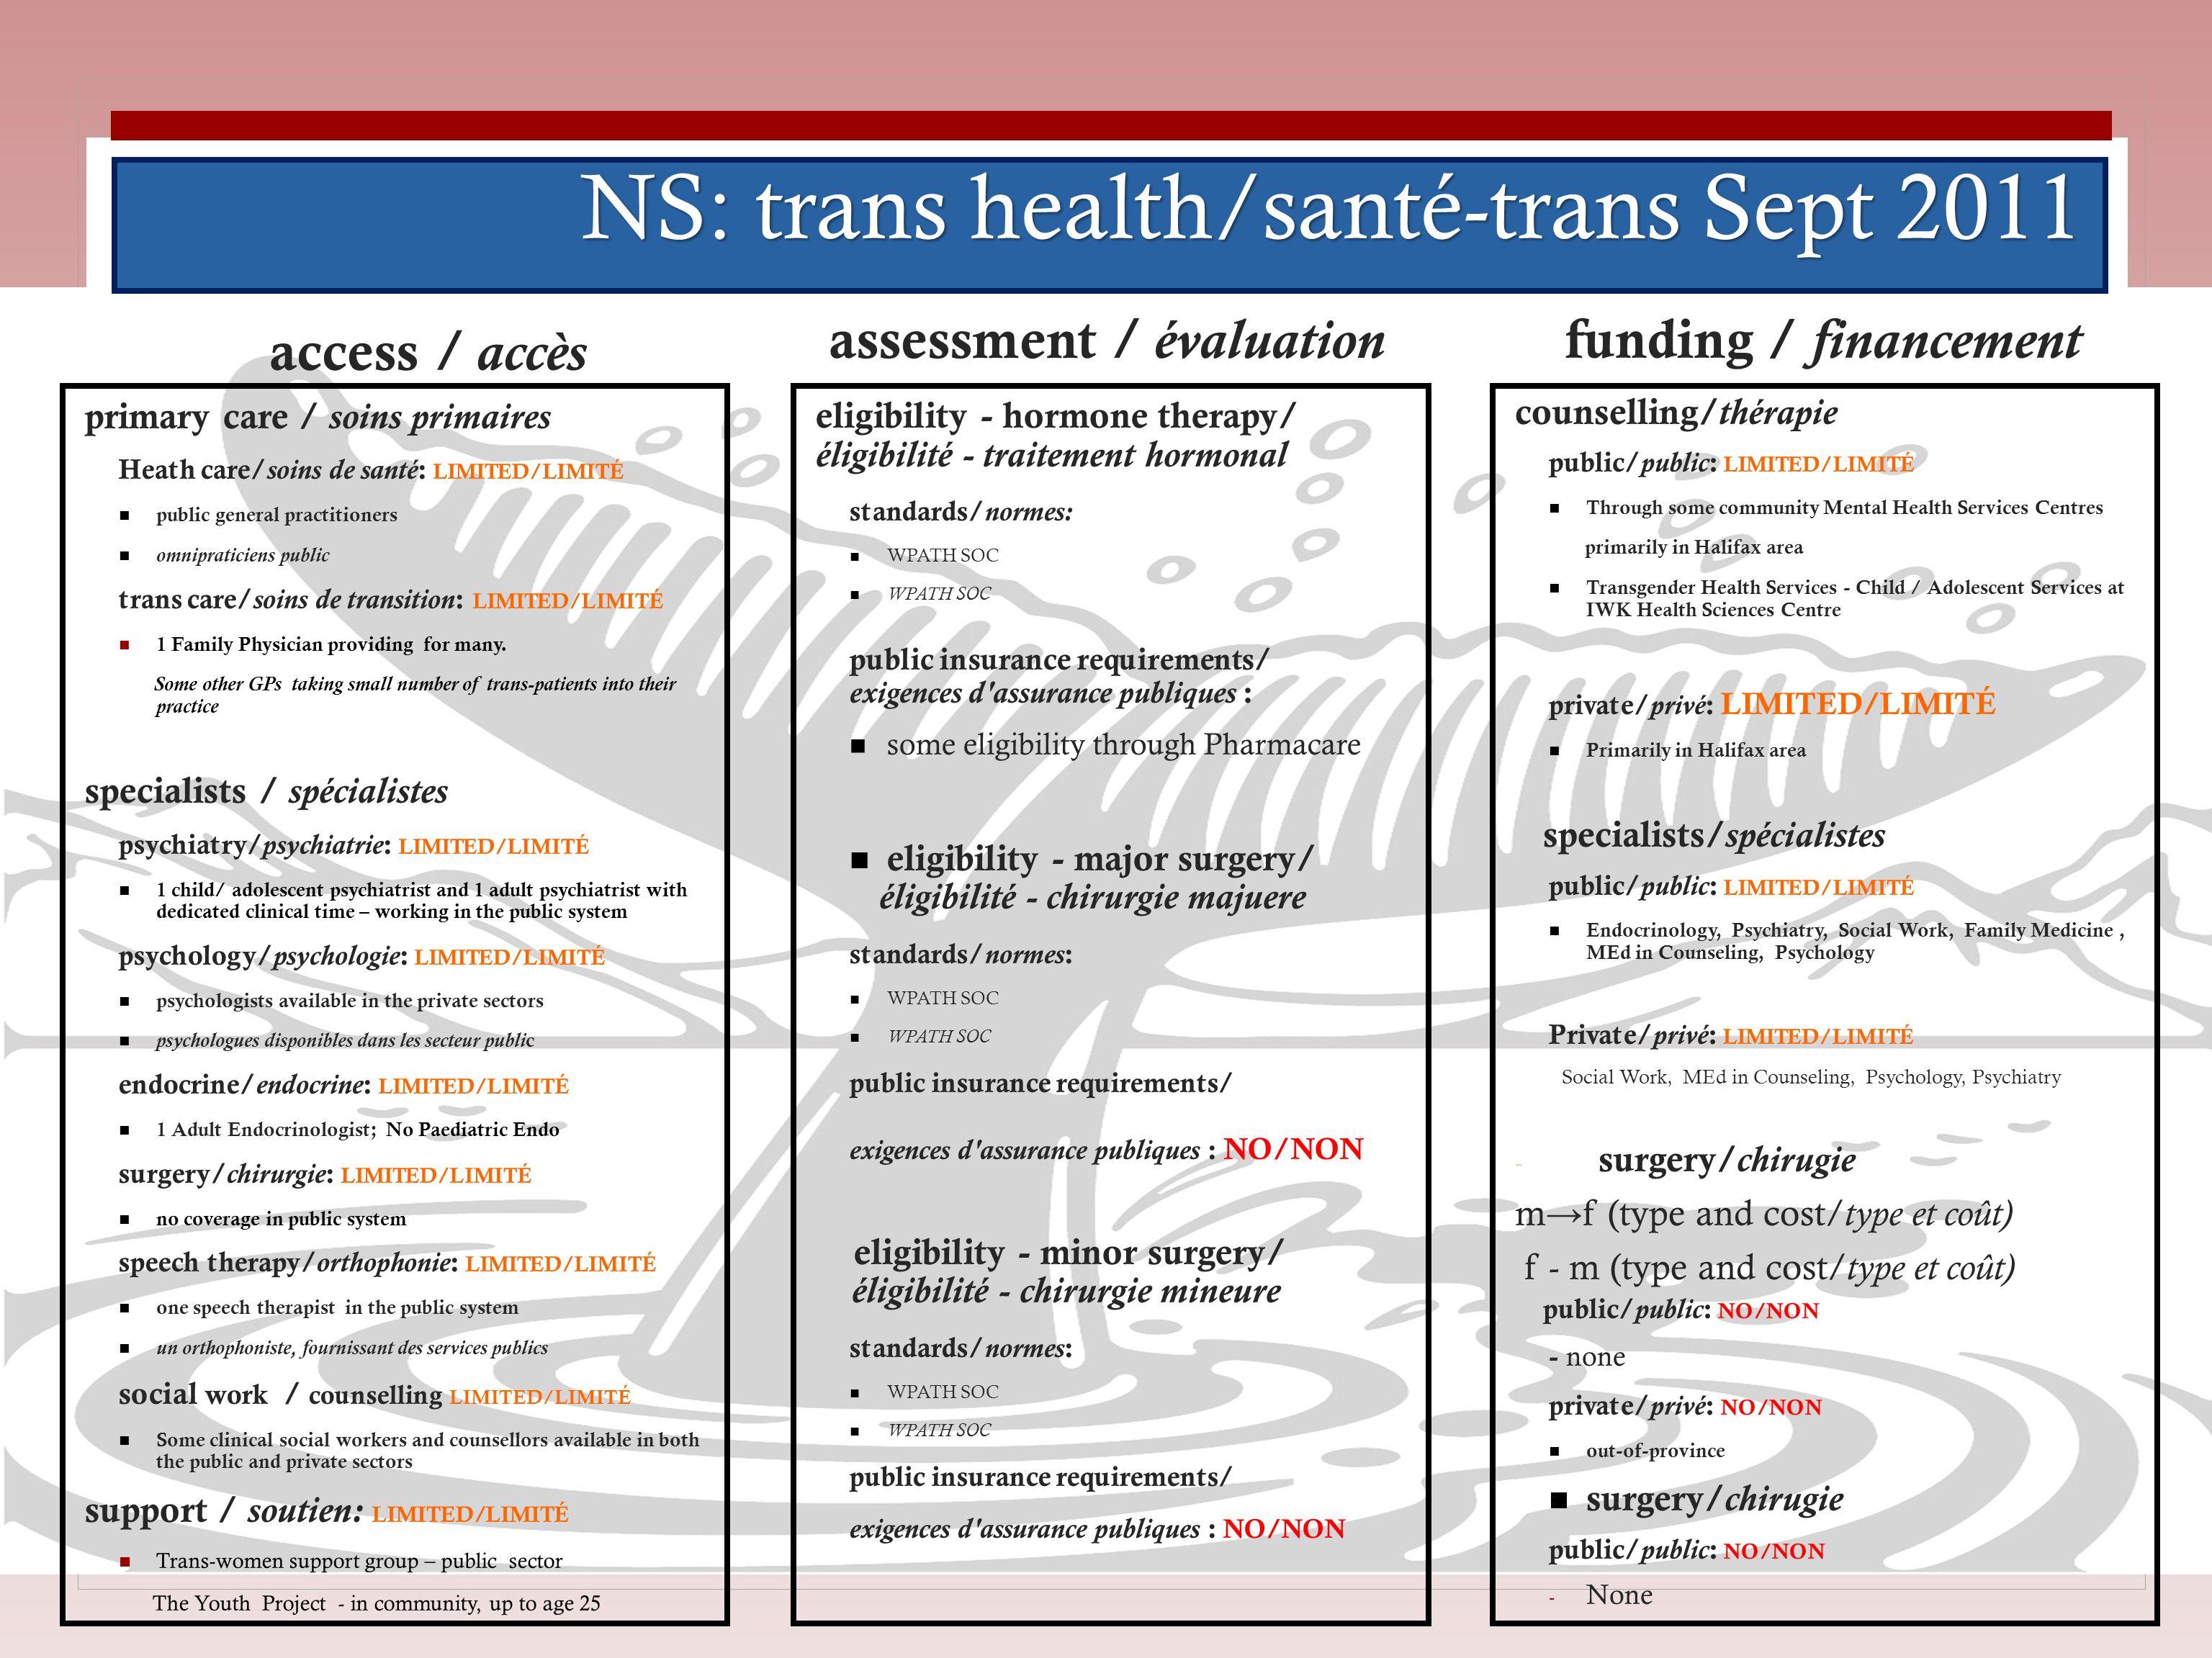 NS: trans health/santé-trans Sept 2011 access / accès primary care / soins primaires Heath care/ soins de santé : LIMITED/LIMITÉ public general practi